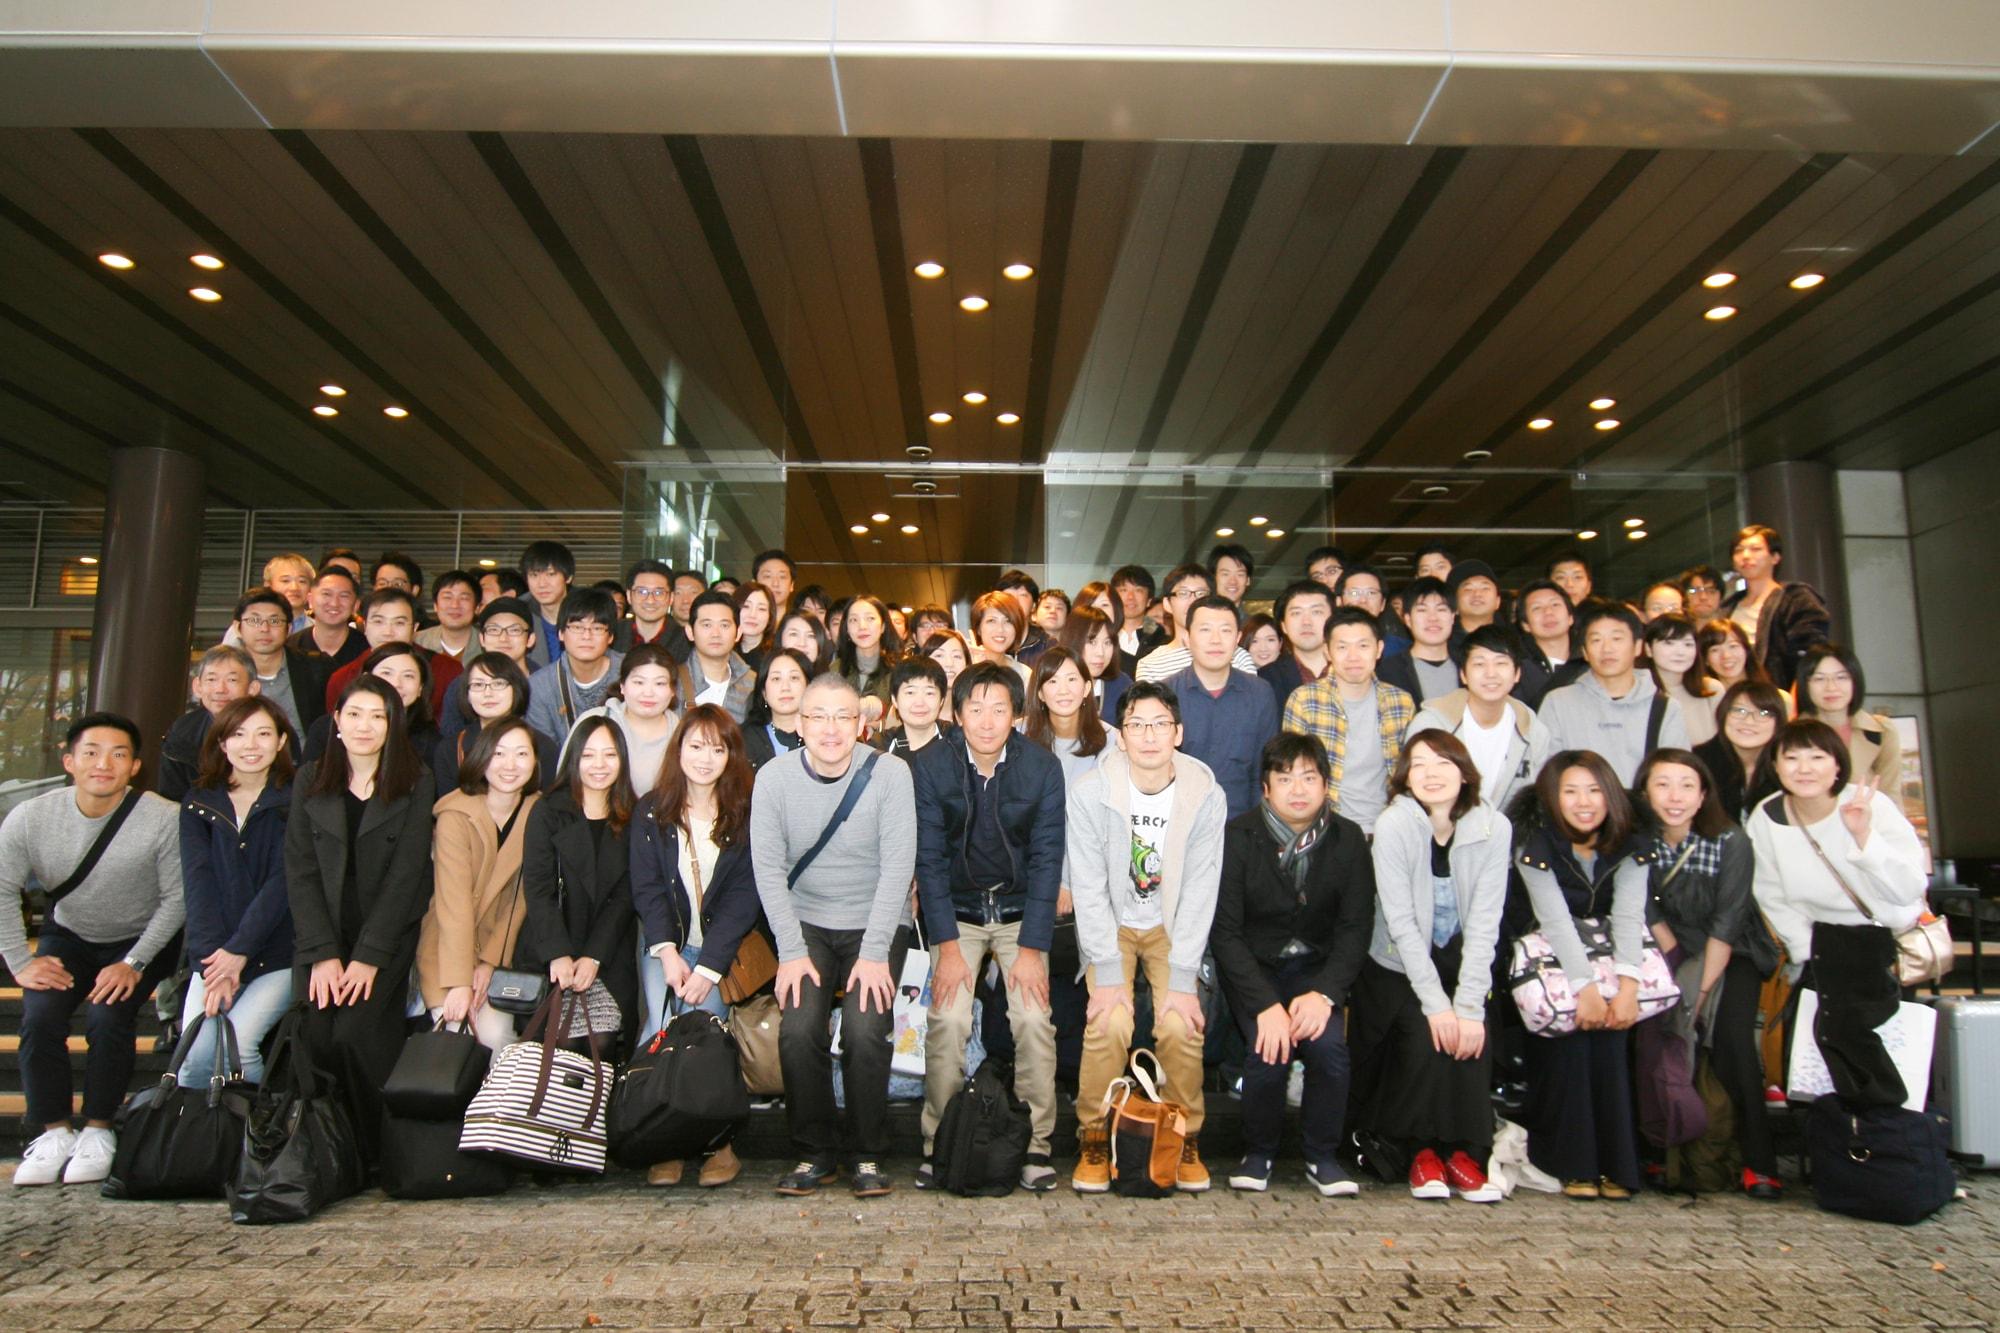 2018年の社員旅行の集合写真。仙台のホテルニュー水戸屋にて。毎年全員に出欠アンケートを取っていますが、毎年参加率は高いです。